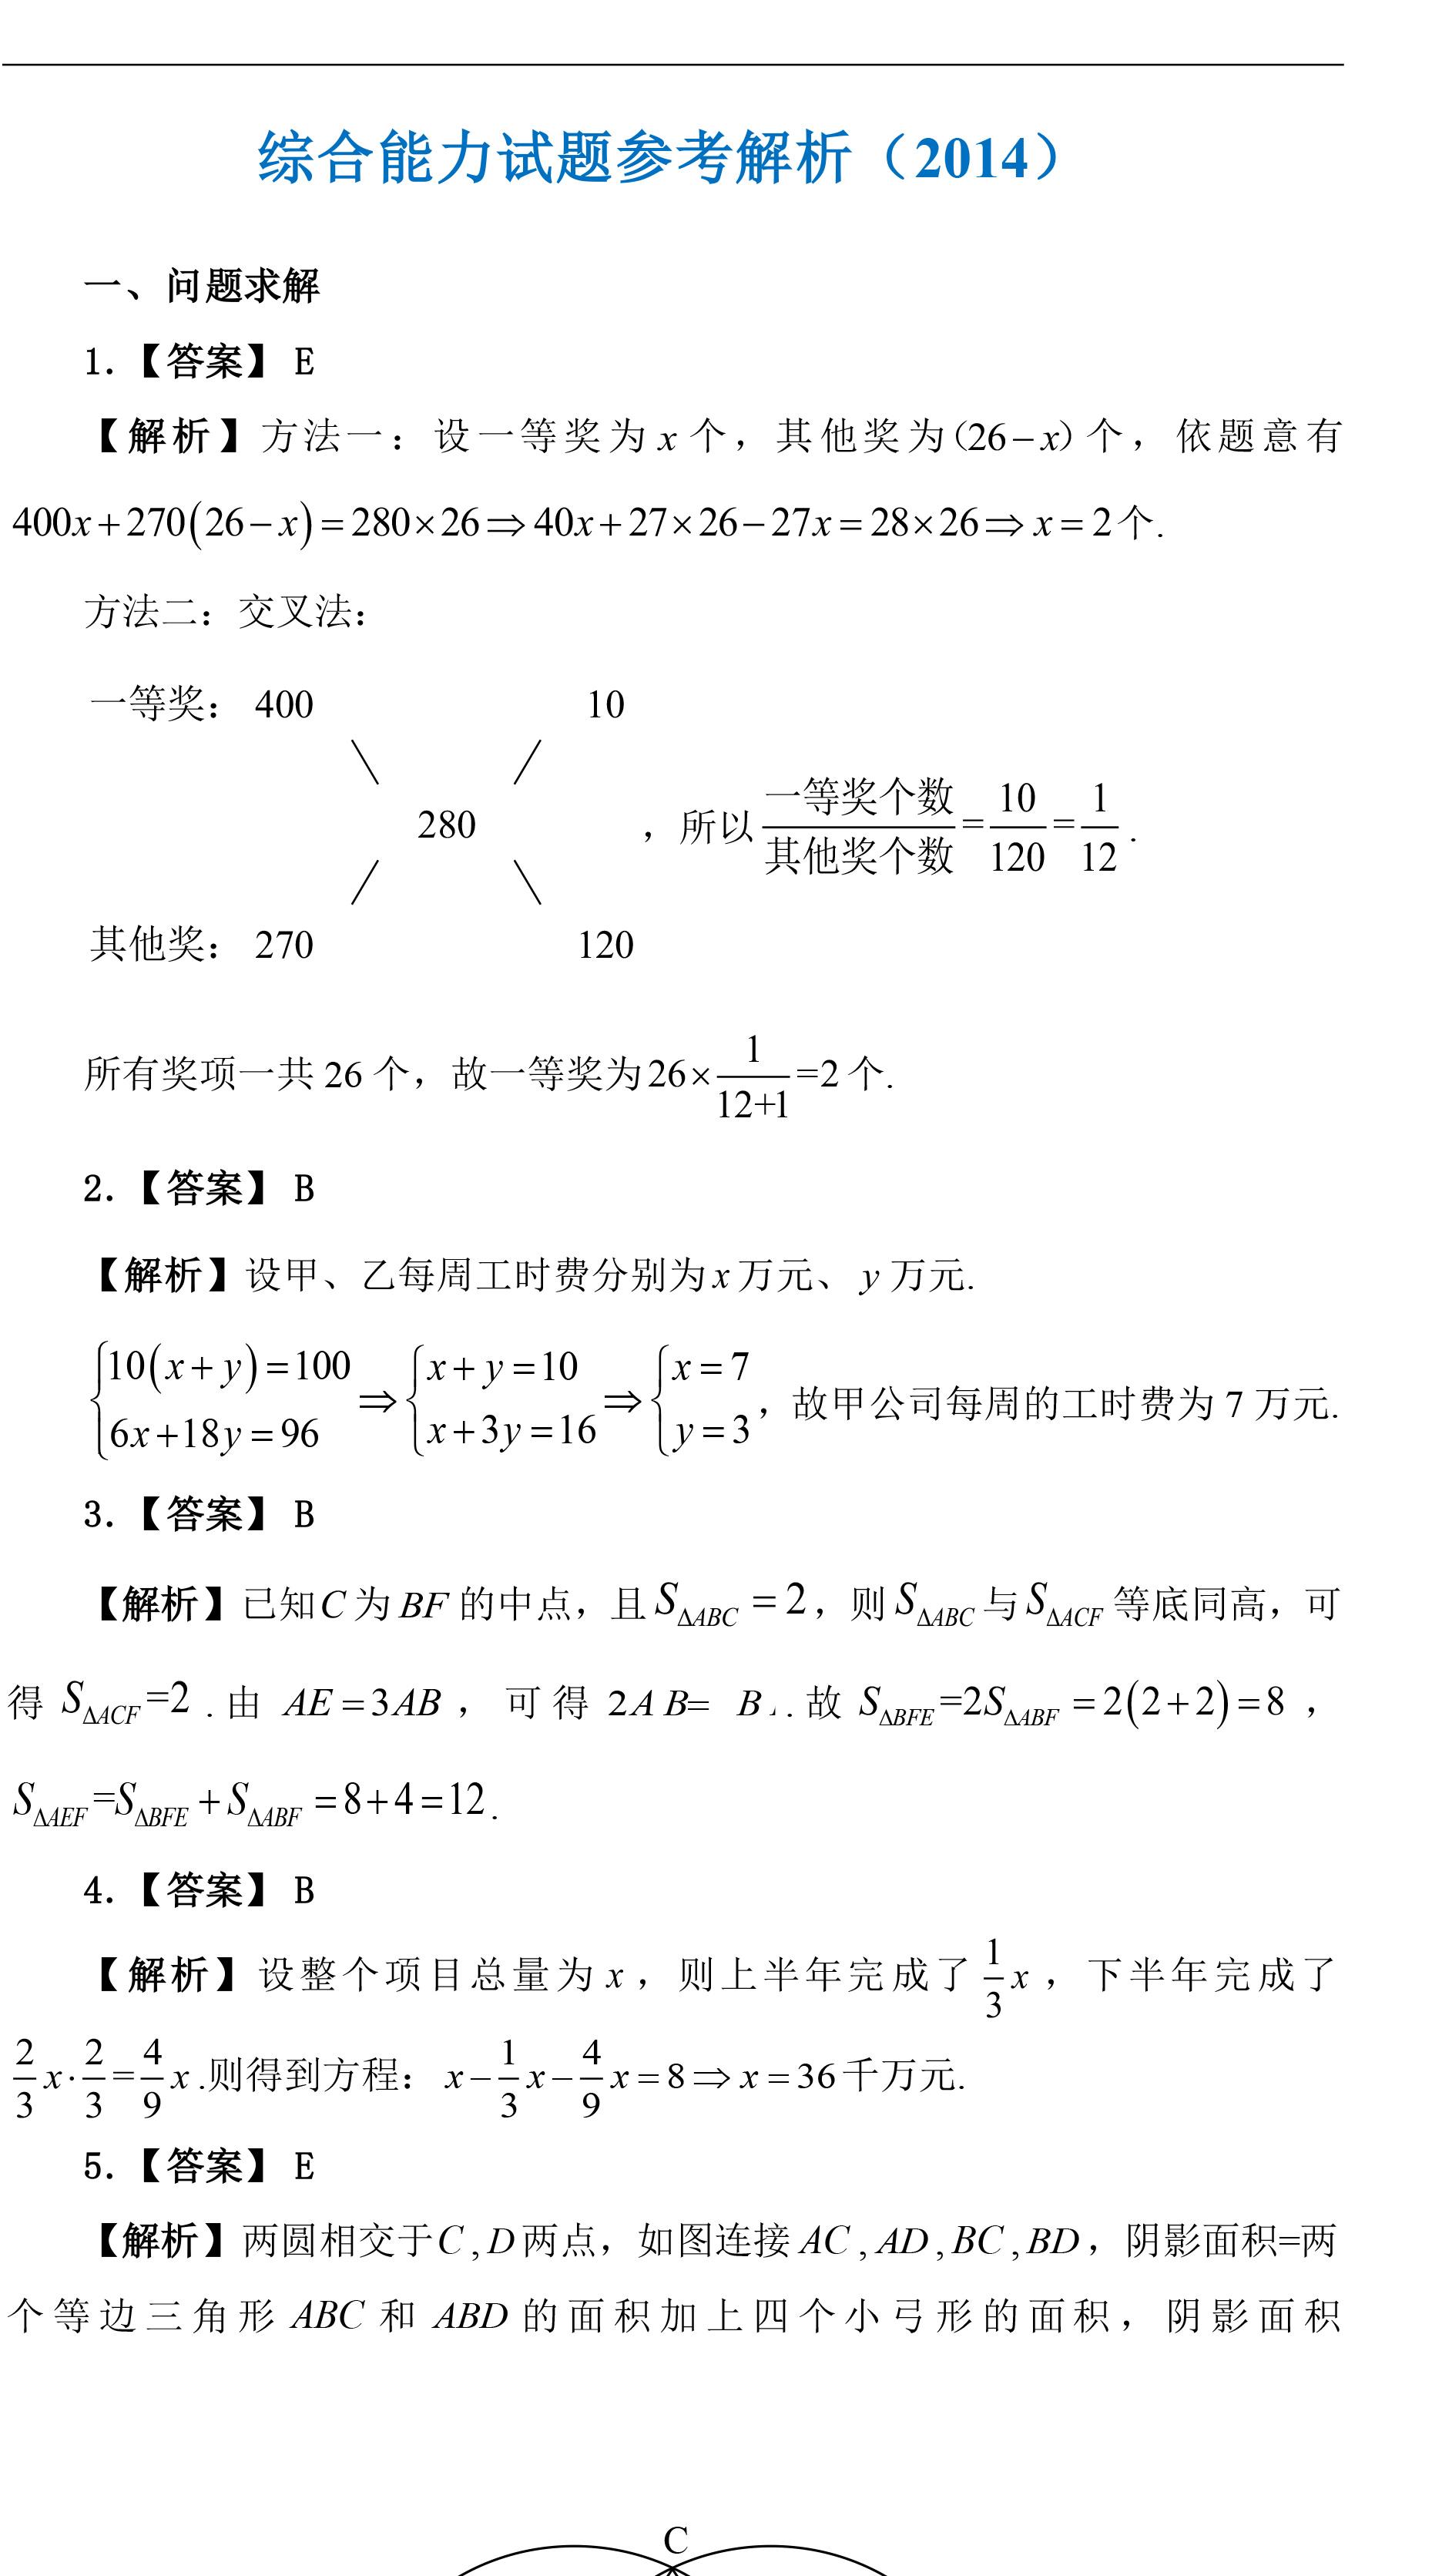 真题试卷集-综合-2014~2018-解析-1.jpg